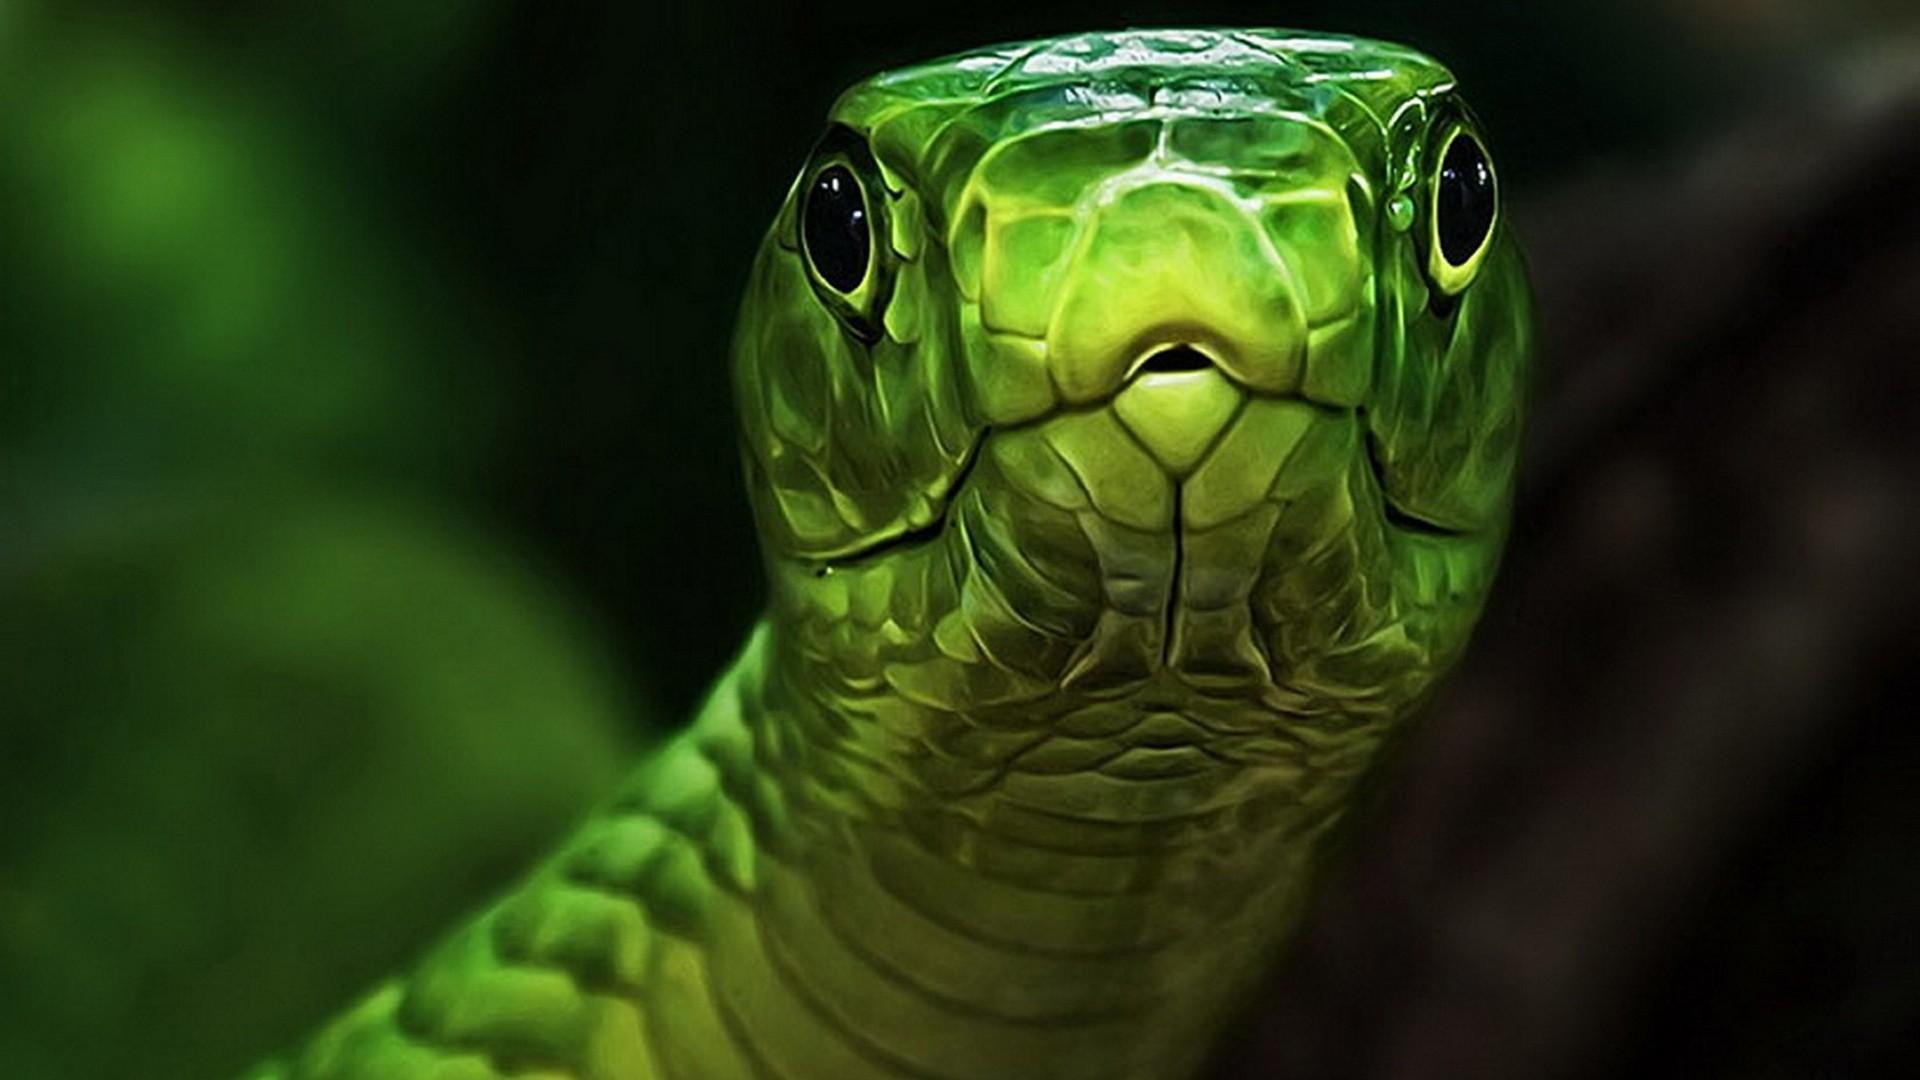 Green Snake Hd Wallpaper - Close Up Snake Face , HD Wallpaper & Backgrounds